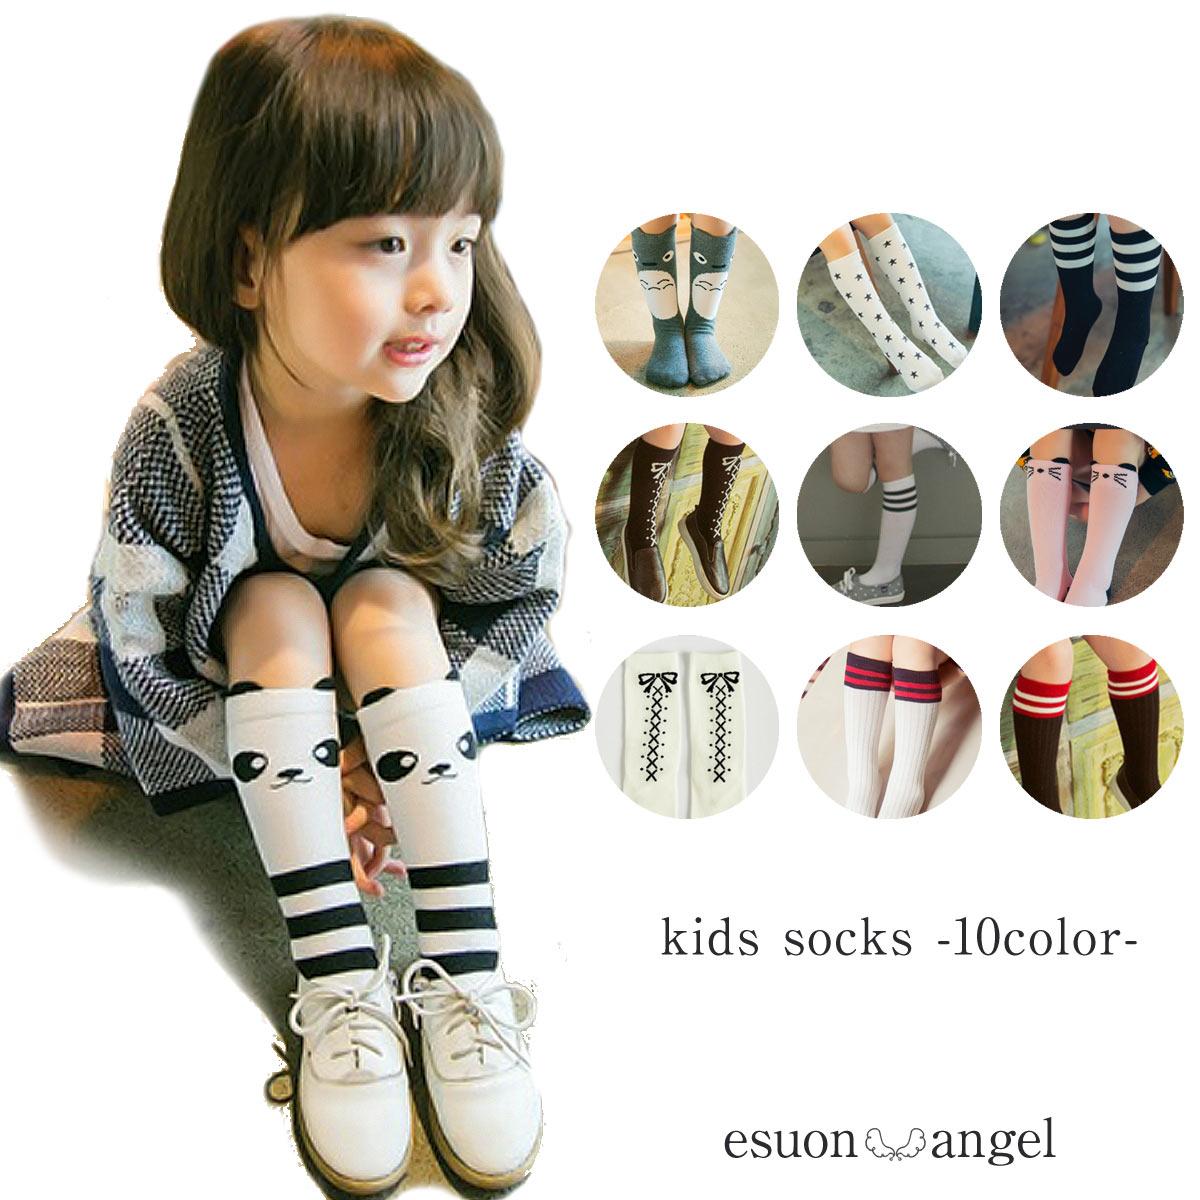 キッズ ベビー 靴下 現品 ハイソックス 多種類選べる 子供 子供ソックス スクールソックス 男の子 くつ下 女の子 品質検査済 ソックス